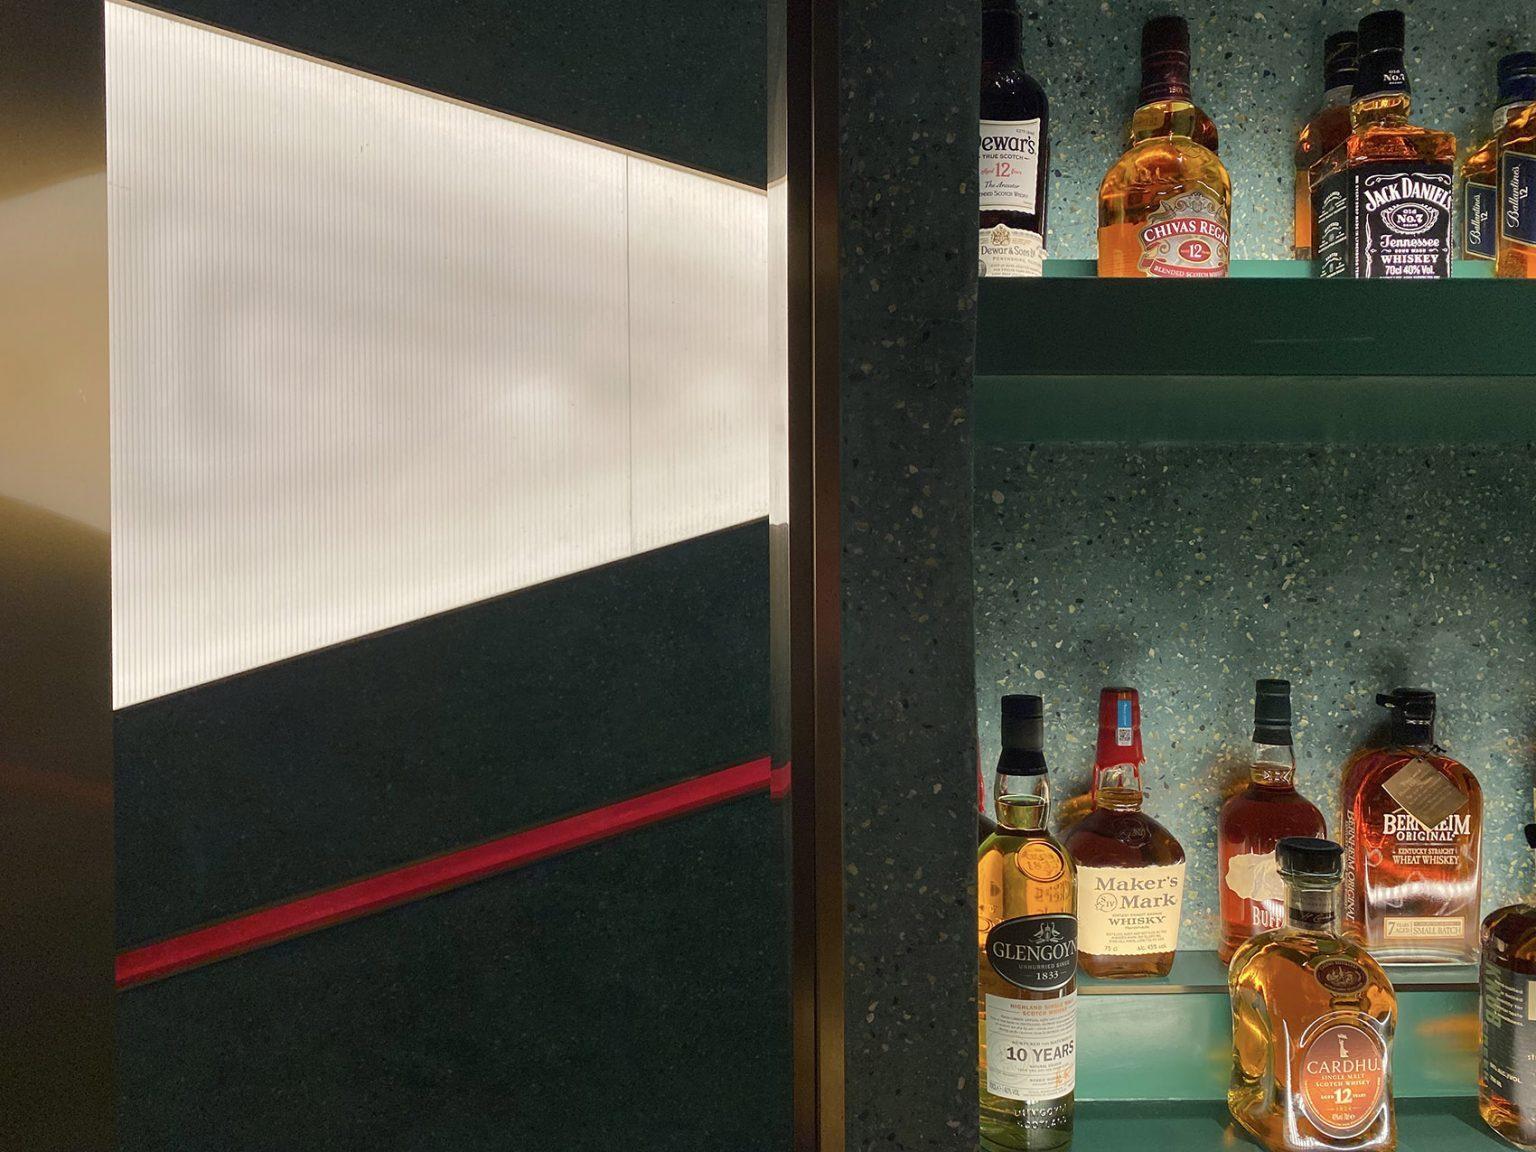 大富翁酒吧设计,现实与虚拟的呈现,演绎超视觉空间